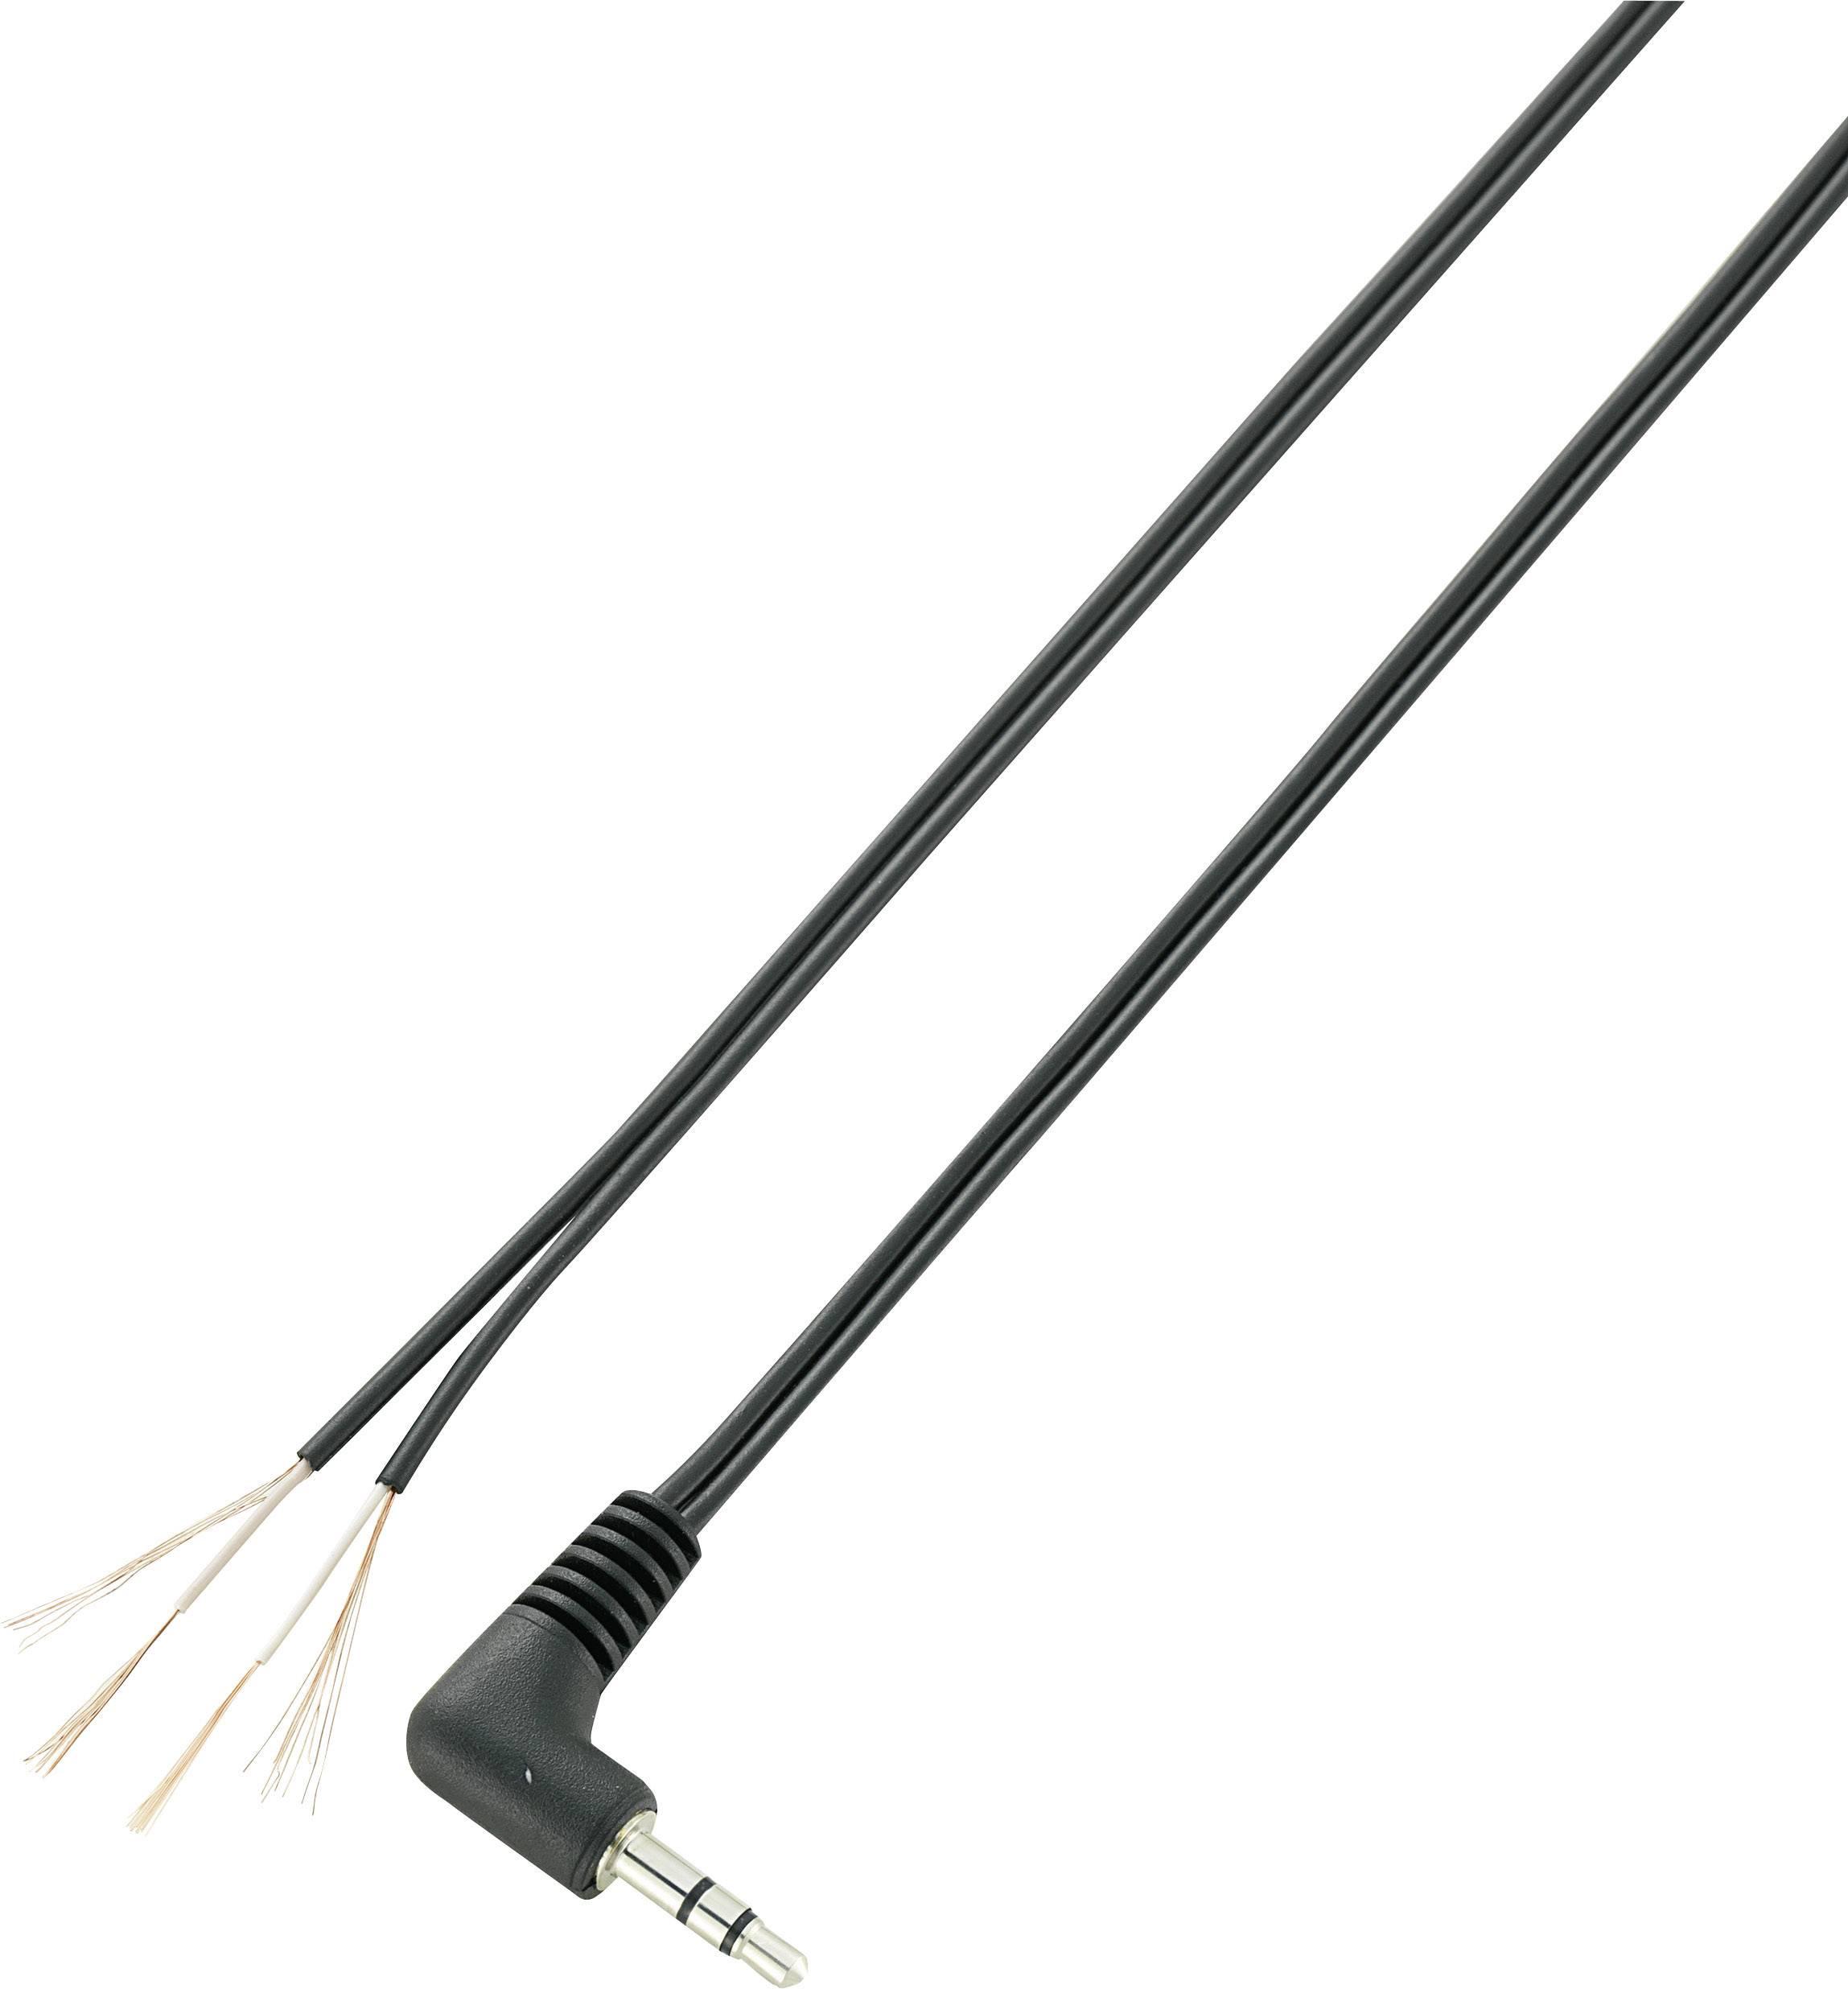 Jack kabel 3,5mm s ot. koncem stereo Voltcraft XL-AC35DW, zástrčka úhlová, černá